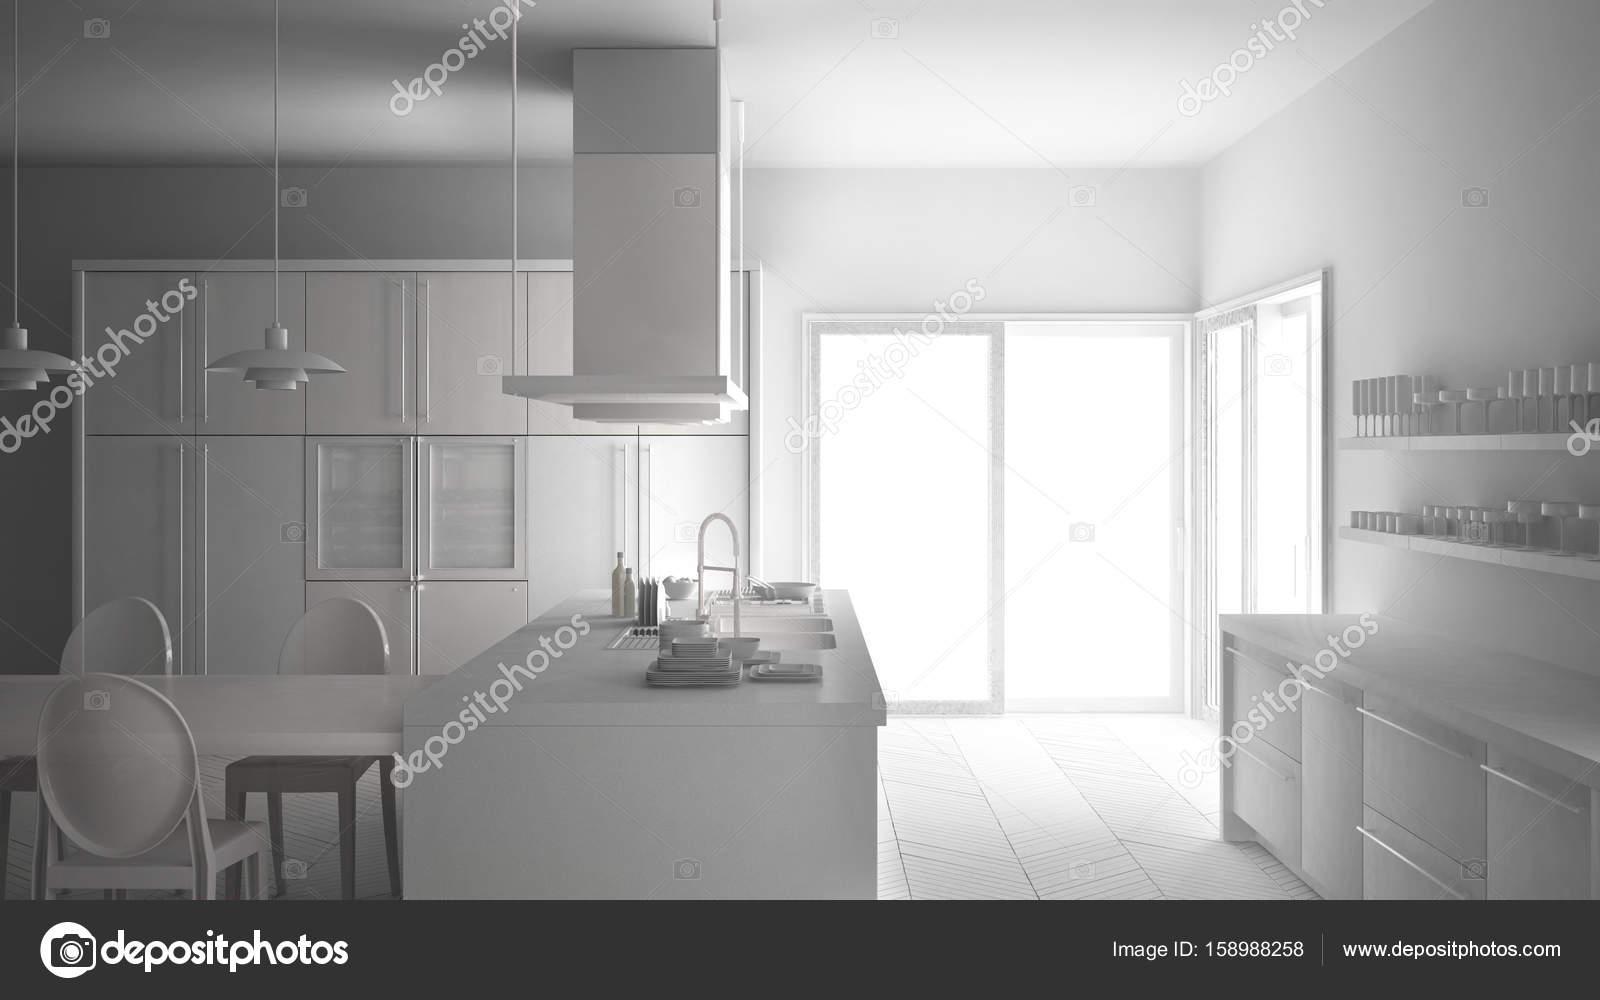 Totale witte project van minimalistische moderne keuken met tafel